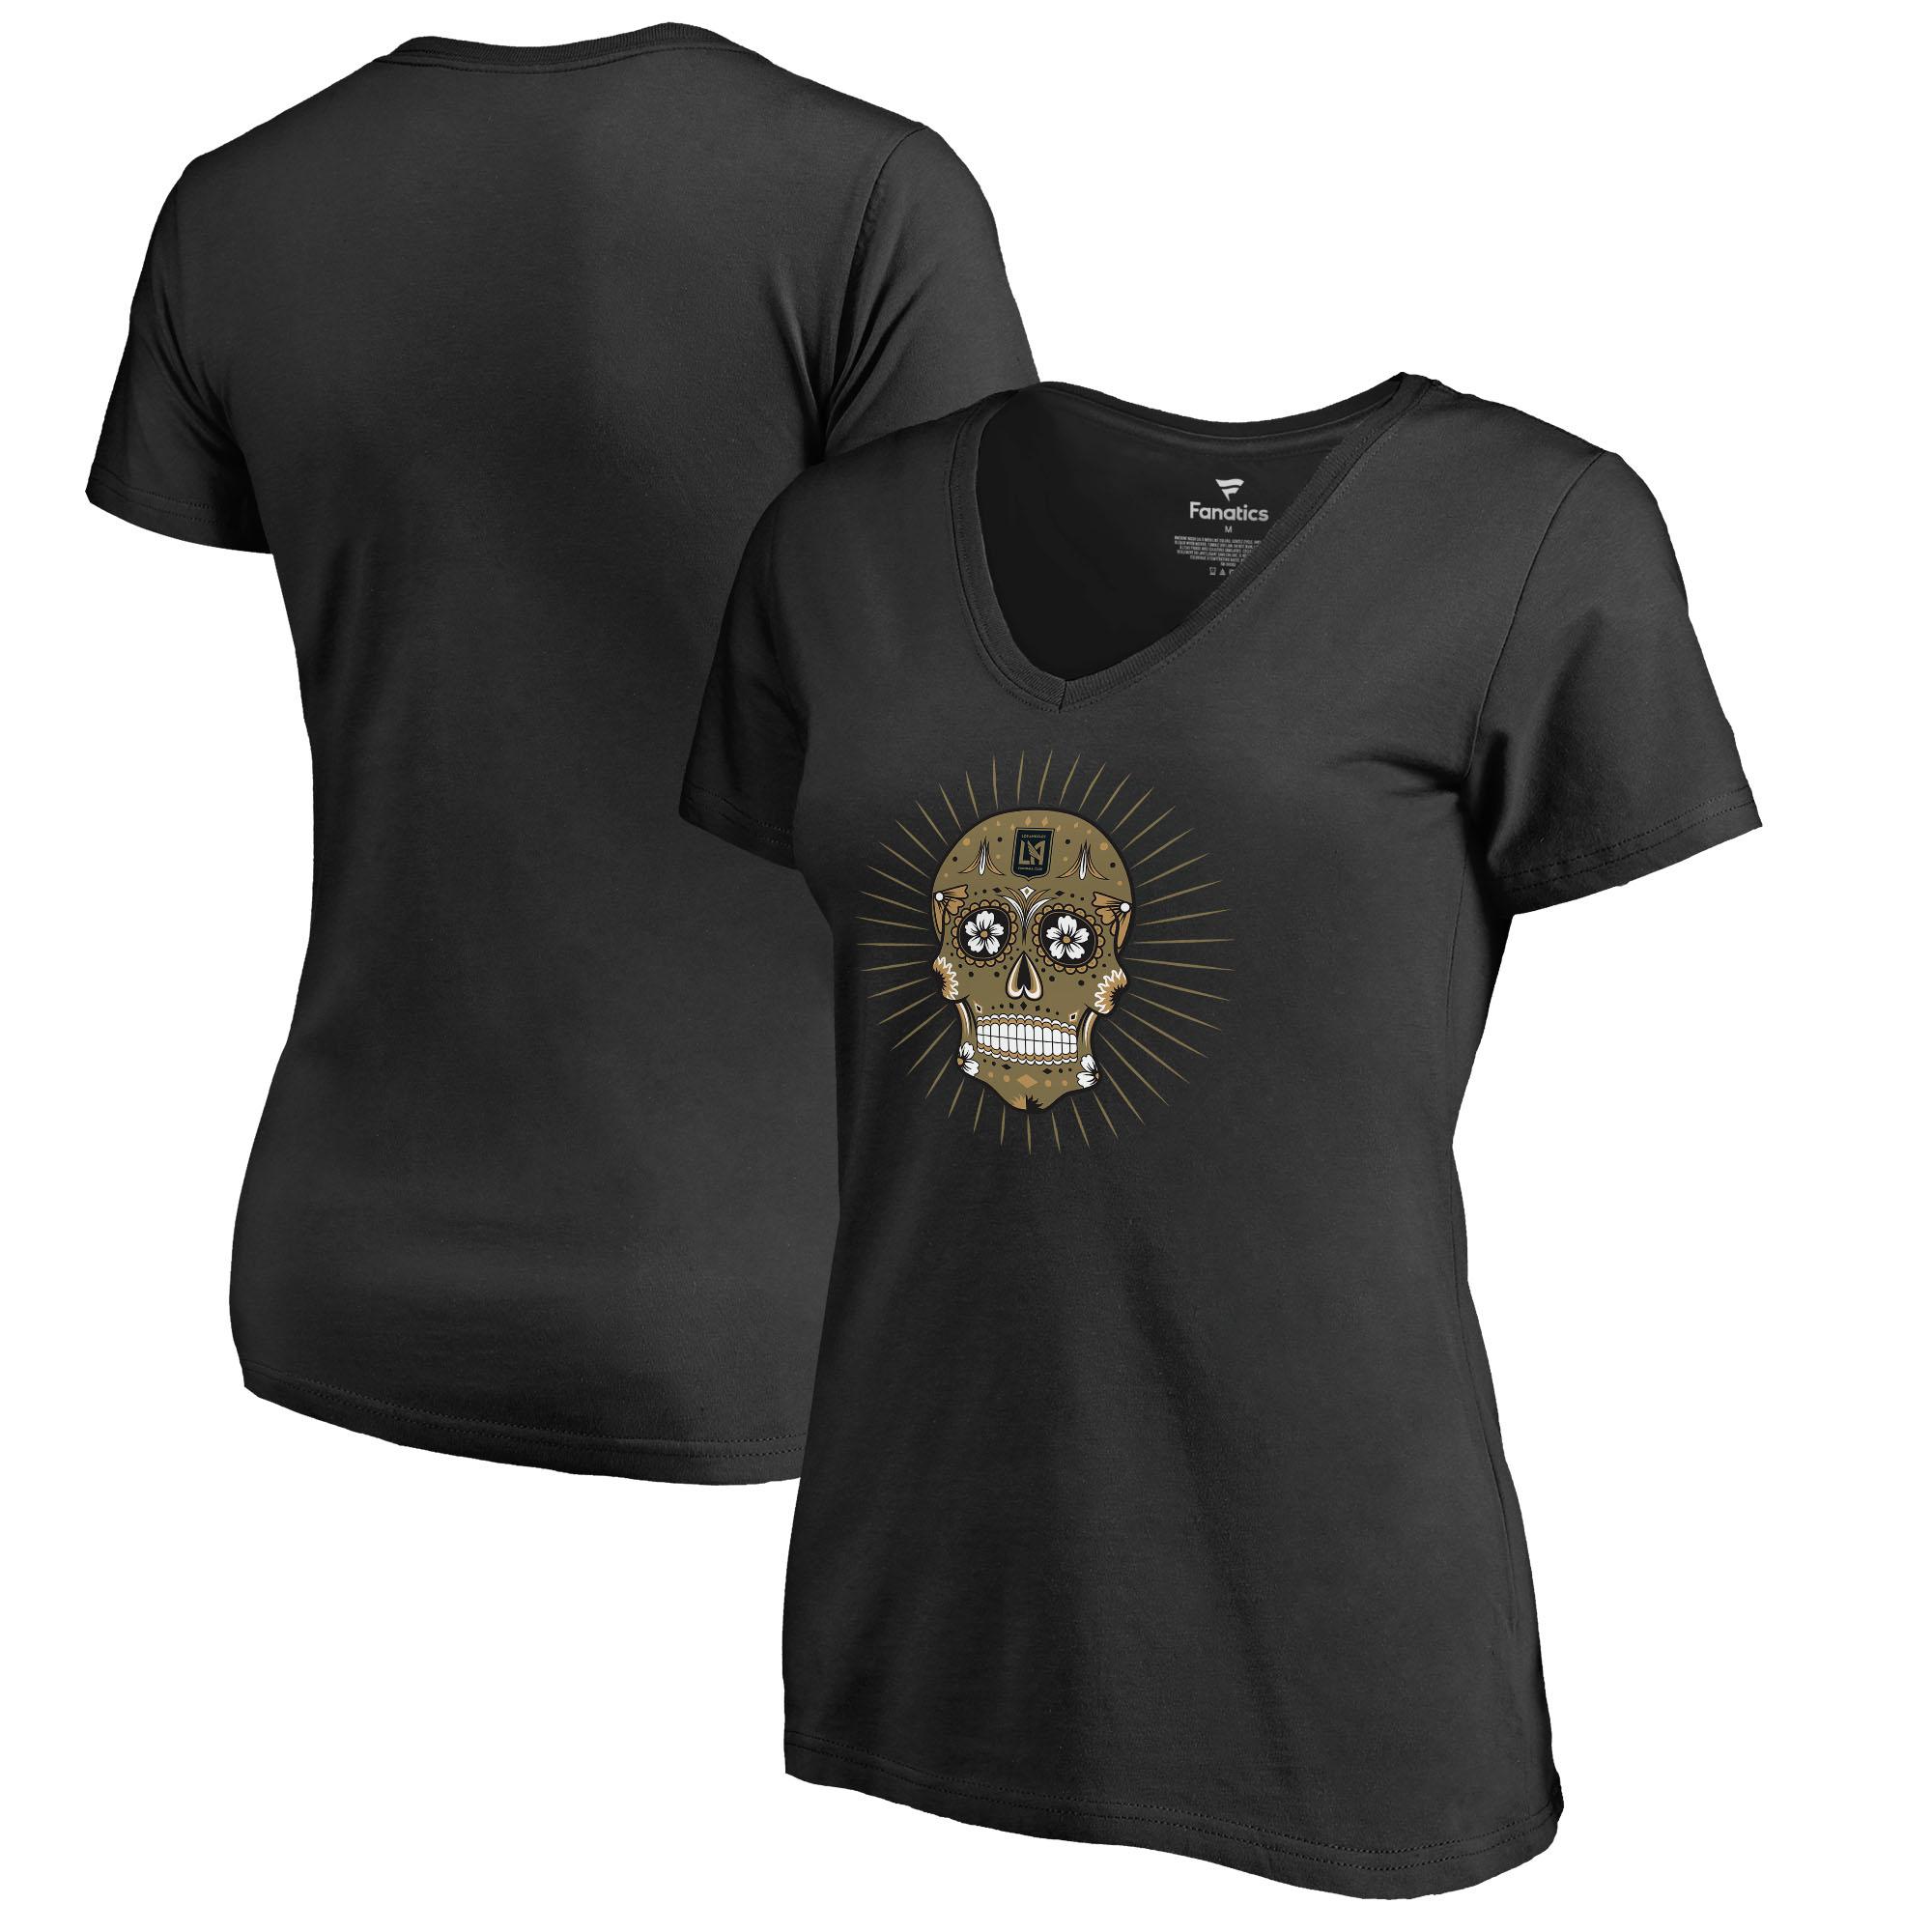 LAFC Fanatics Branded Women's Hispanic Heritage Viva V-Neck T-Shirt - Black